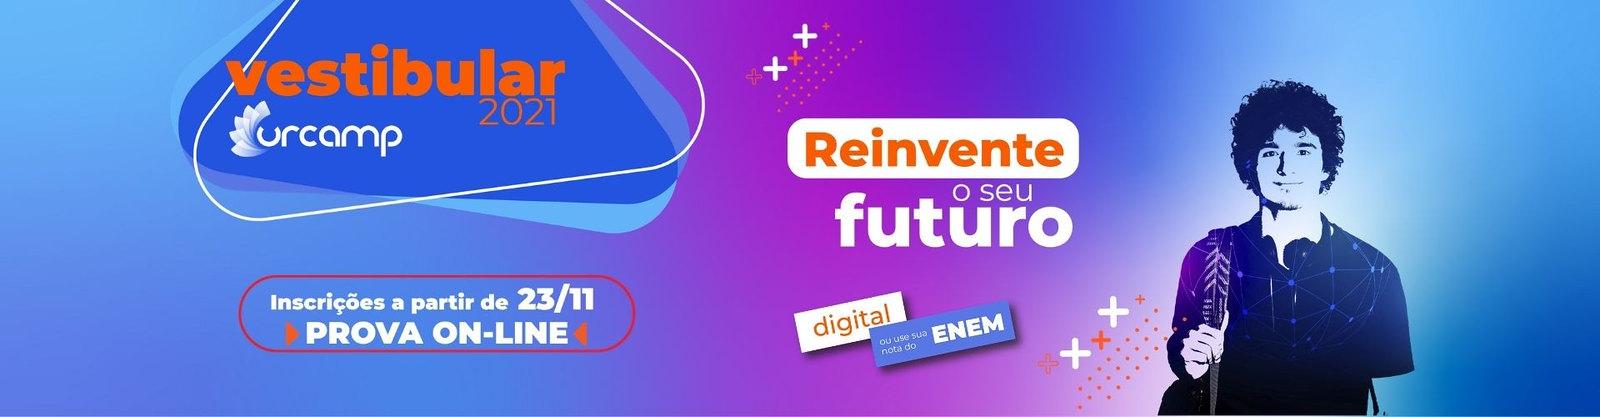 Vestibular Urcamp - Reinvente o seu futuro - inscrições a partir de 23/11